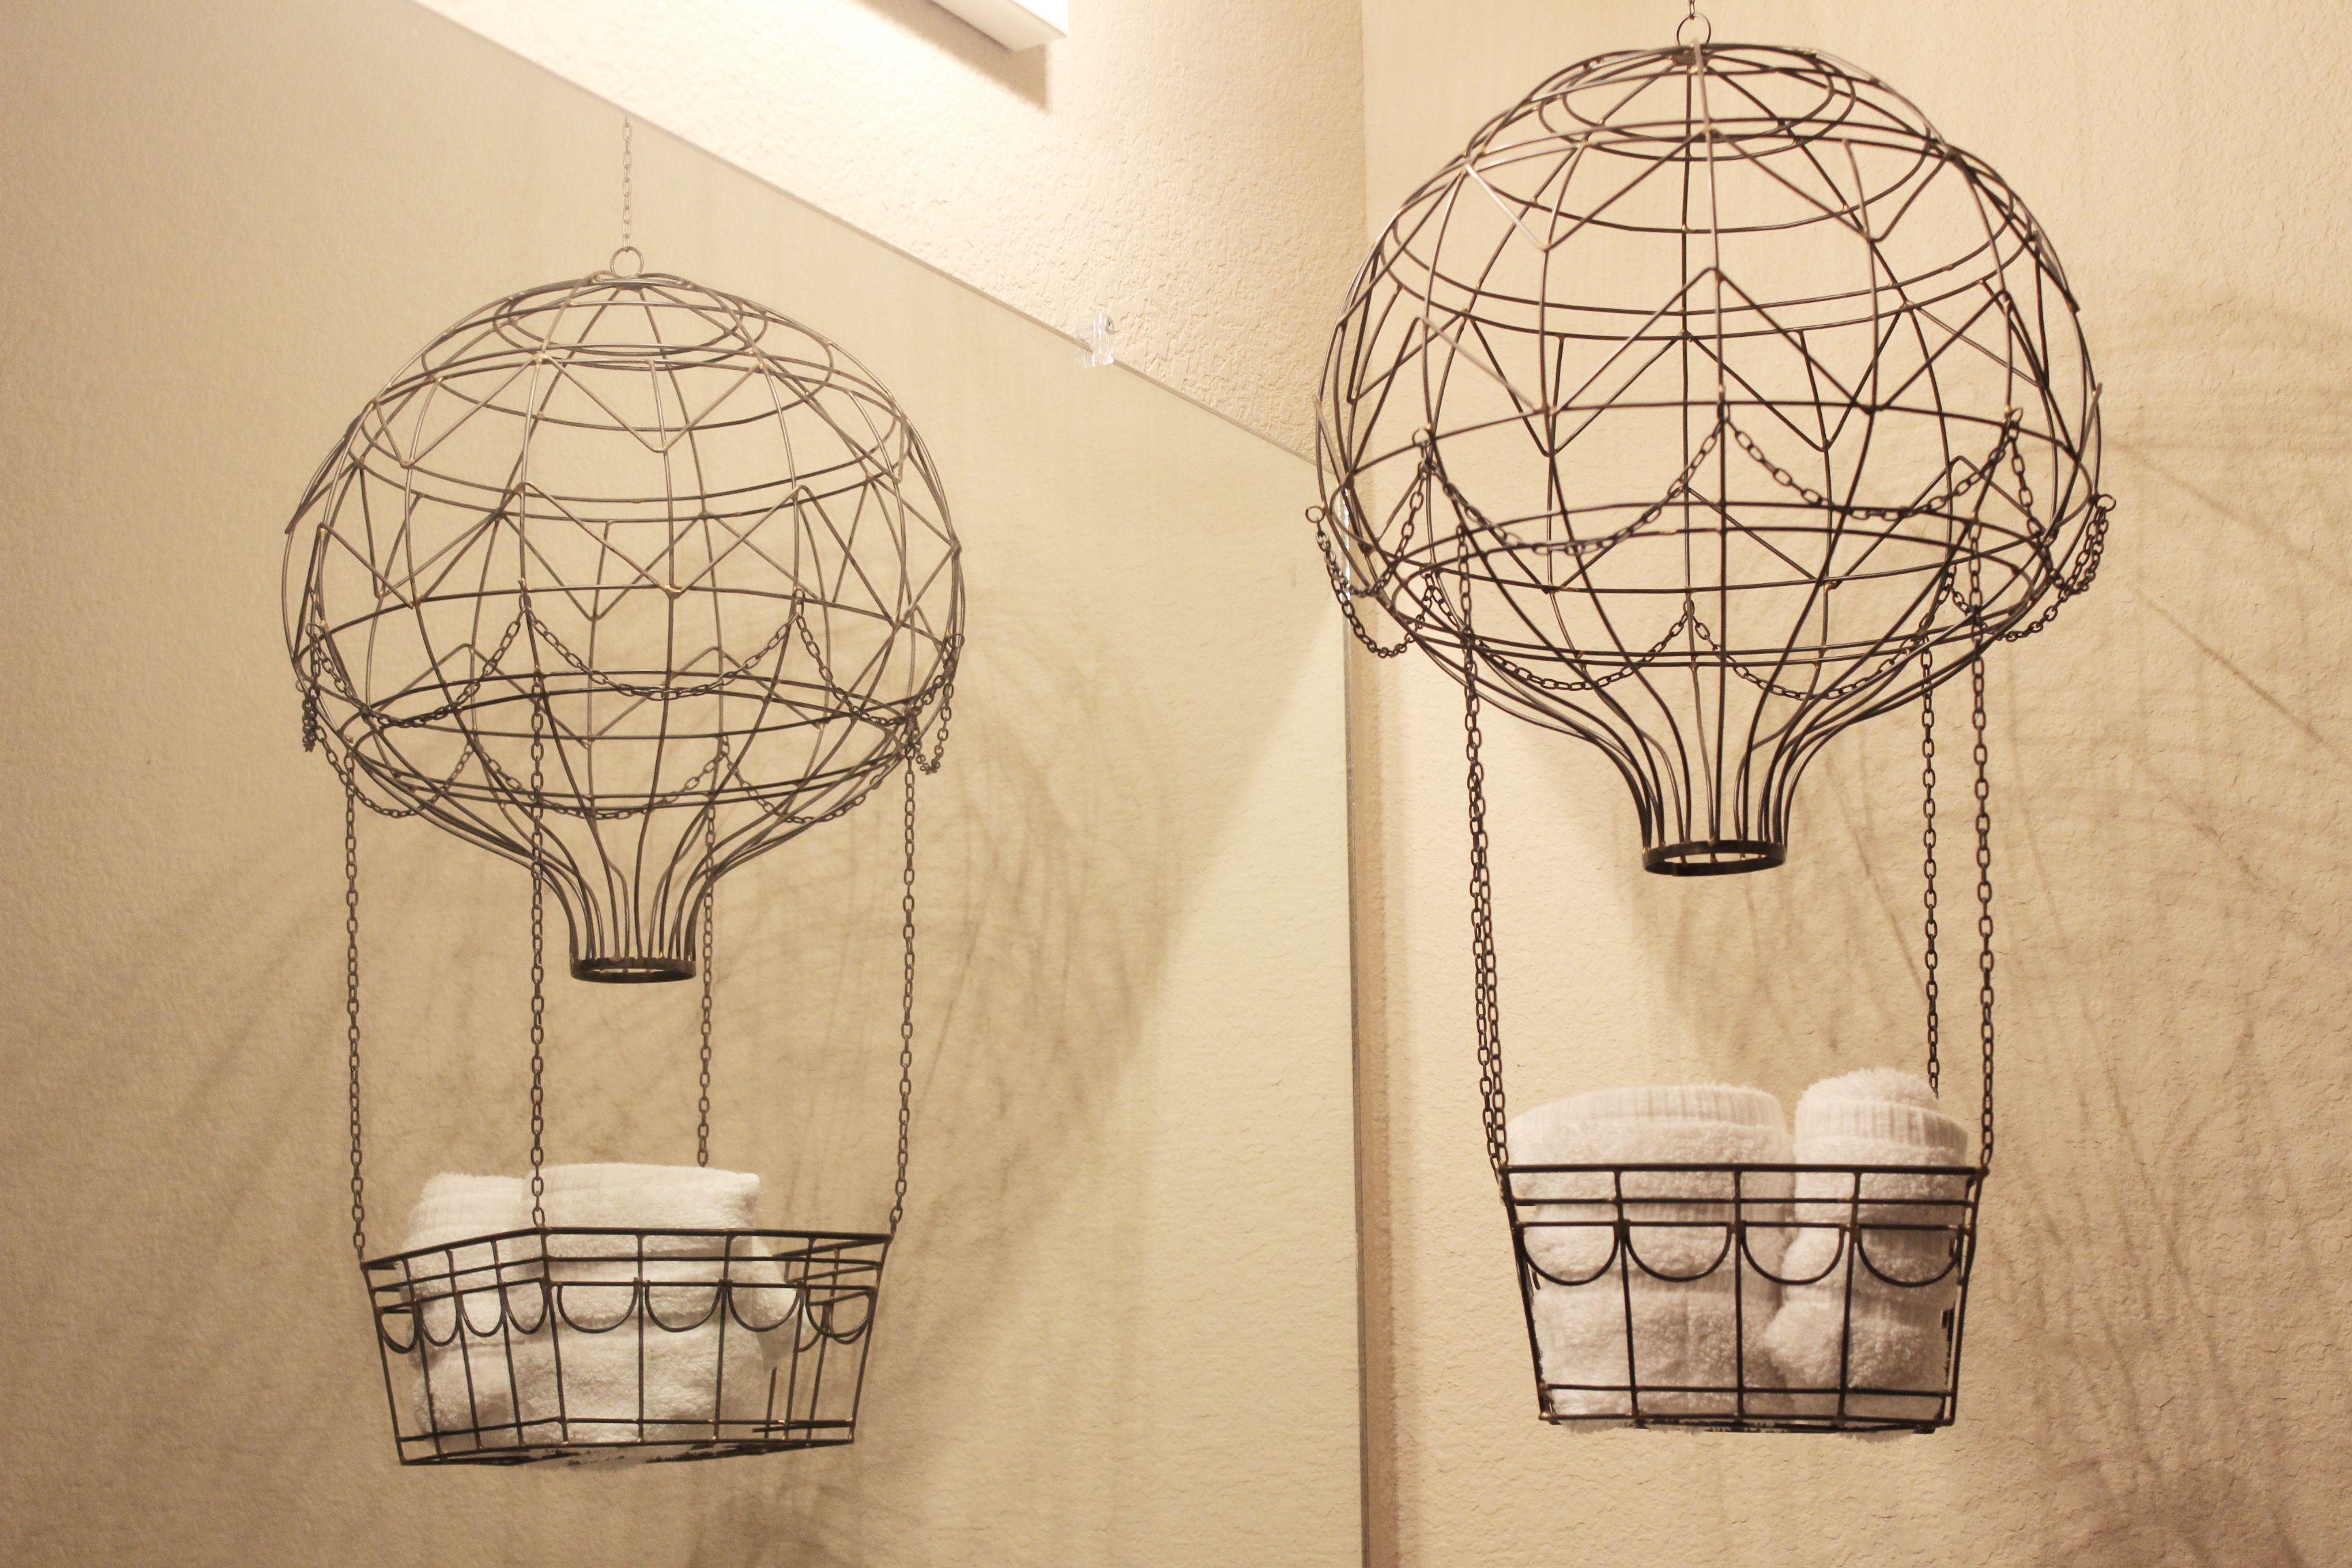 Collected Neutral Bathroom Decor Diy hot air balloons